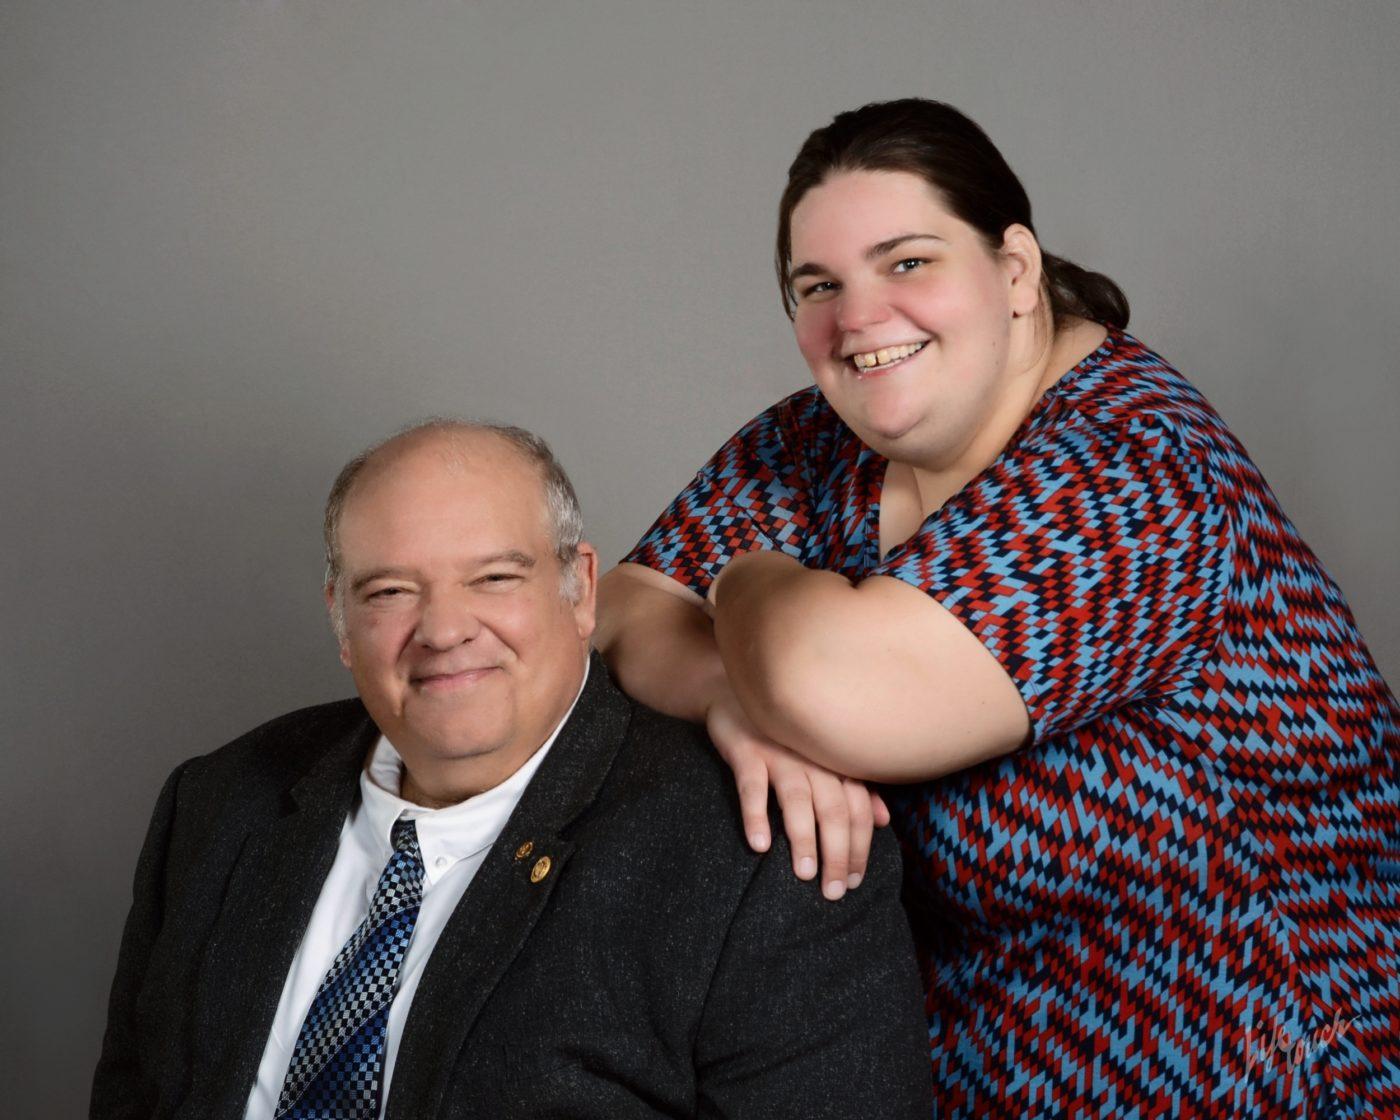 John Pavlovsky and his daughter Patricia